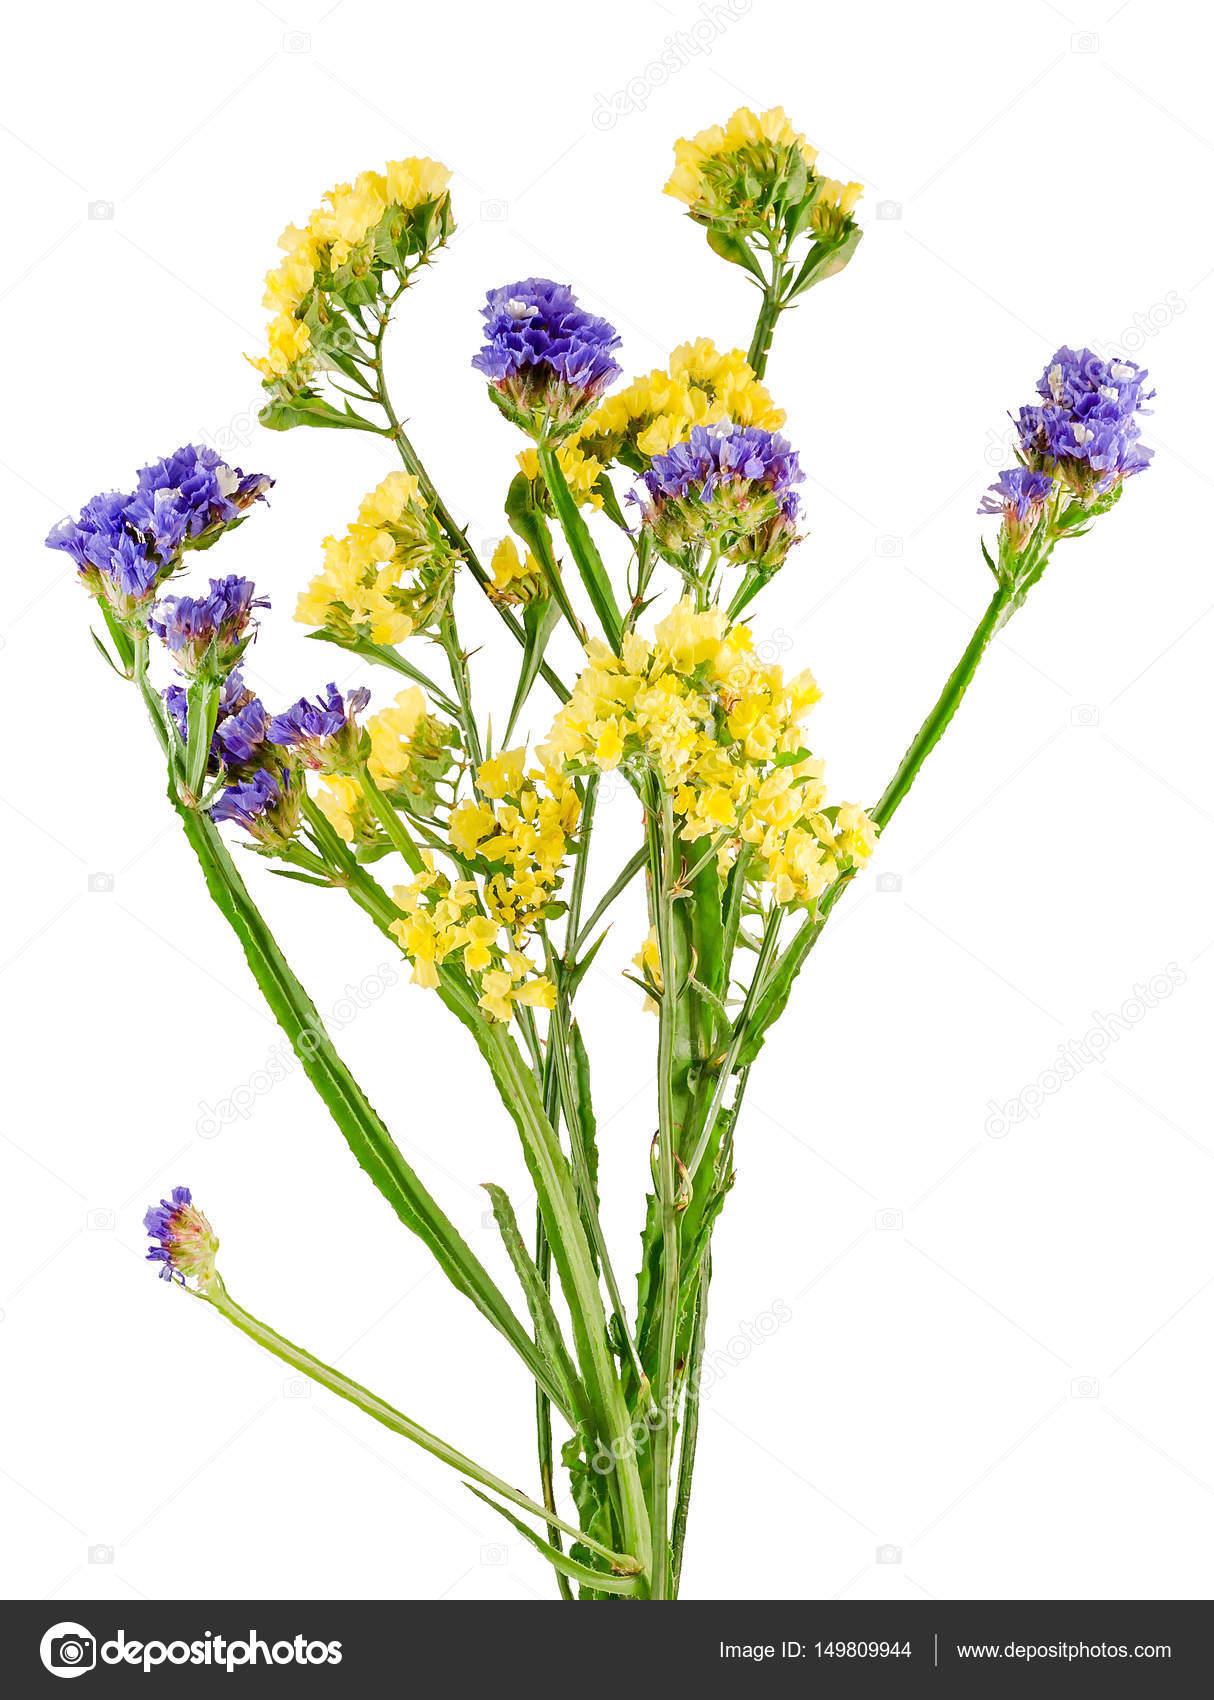 スターチス Sinuata ロイヤル花鮮やかな色の野生の花を閉じる